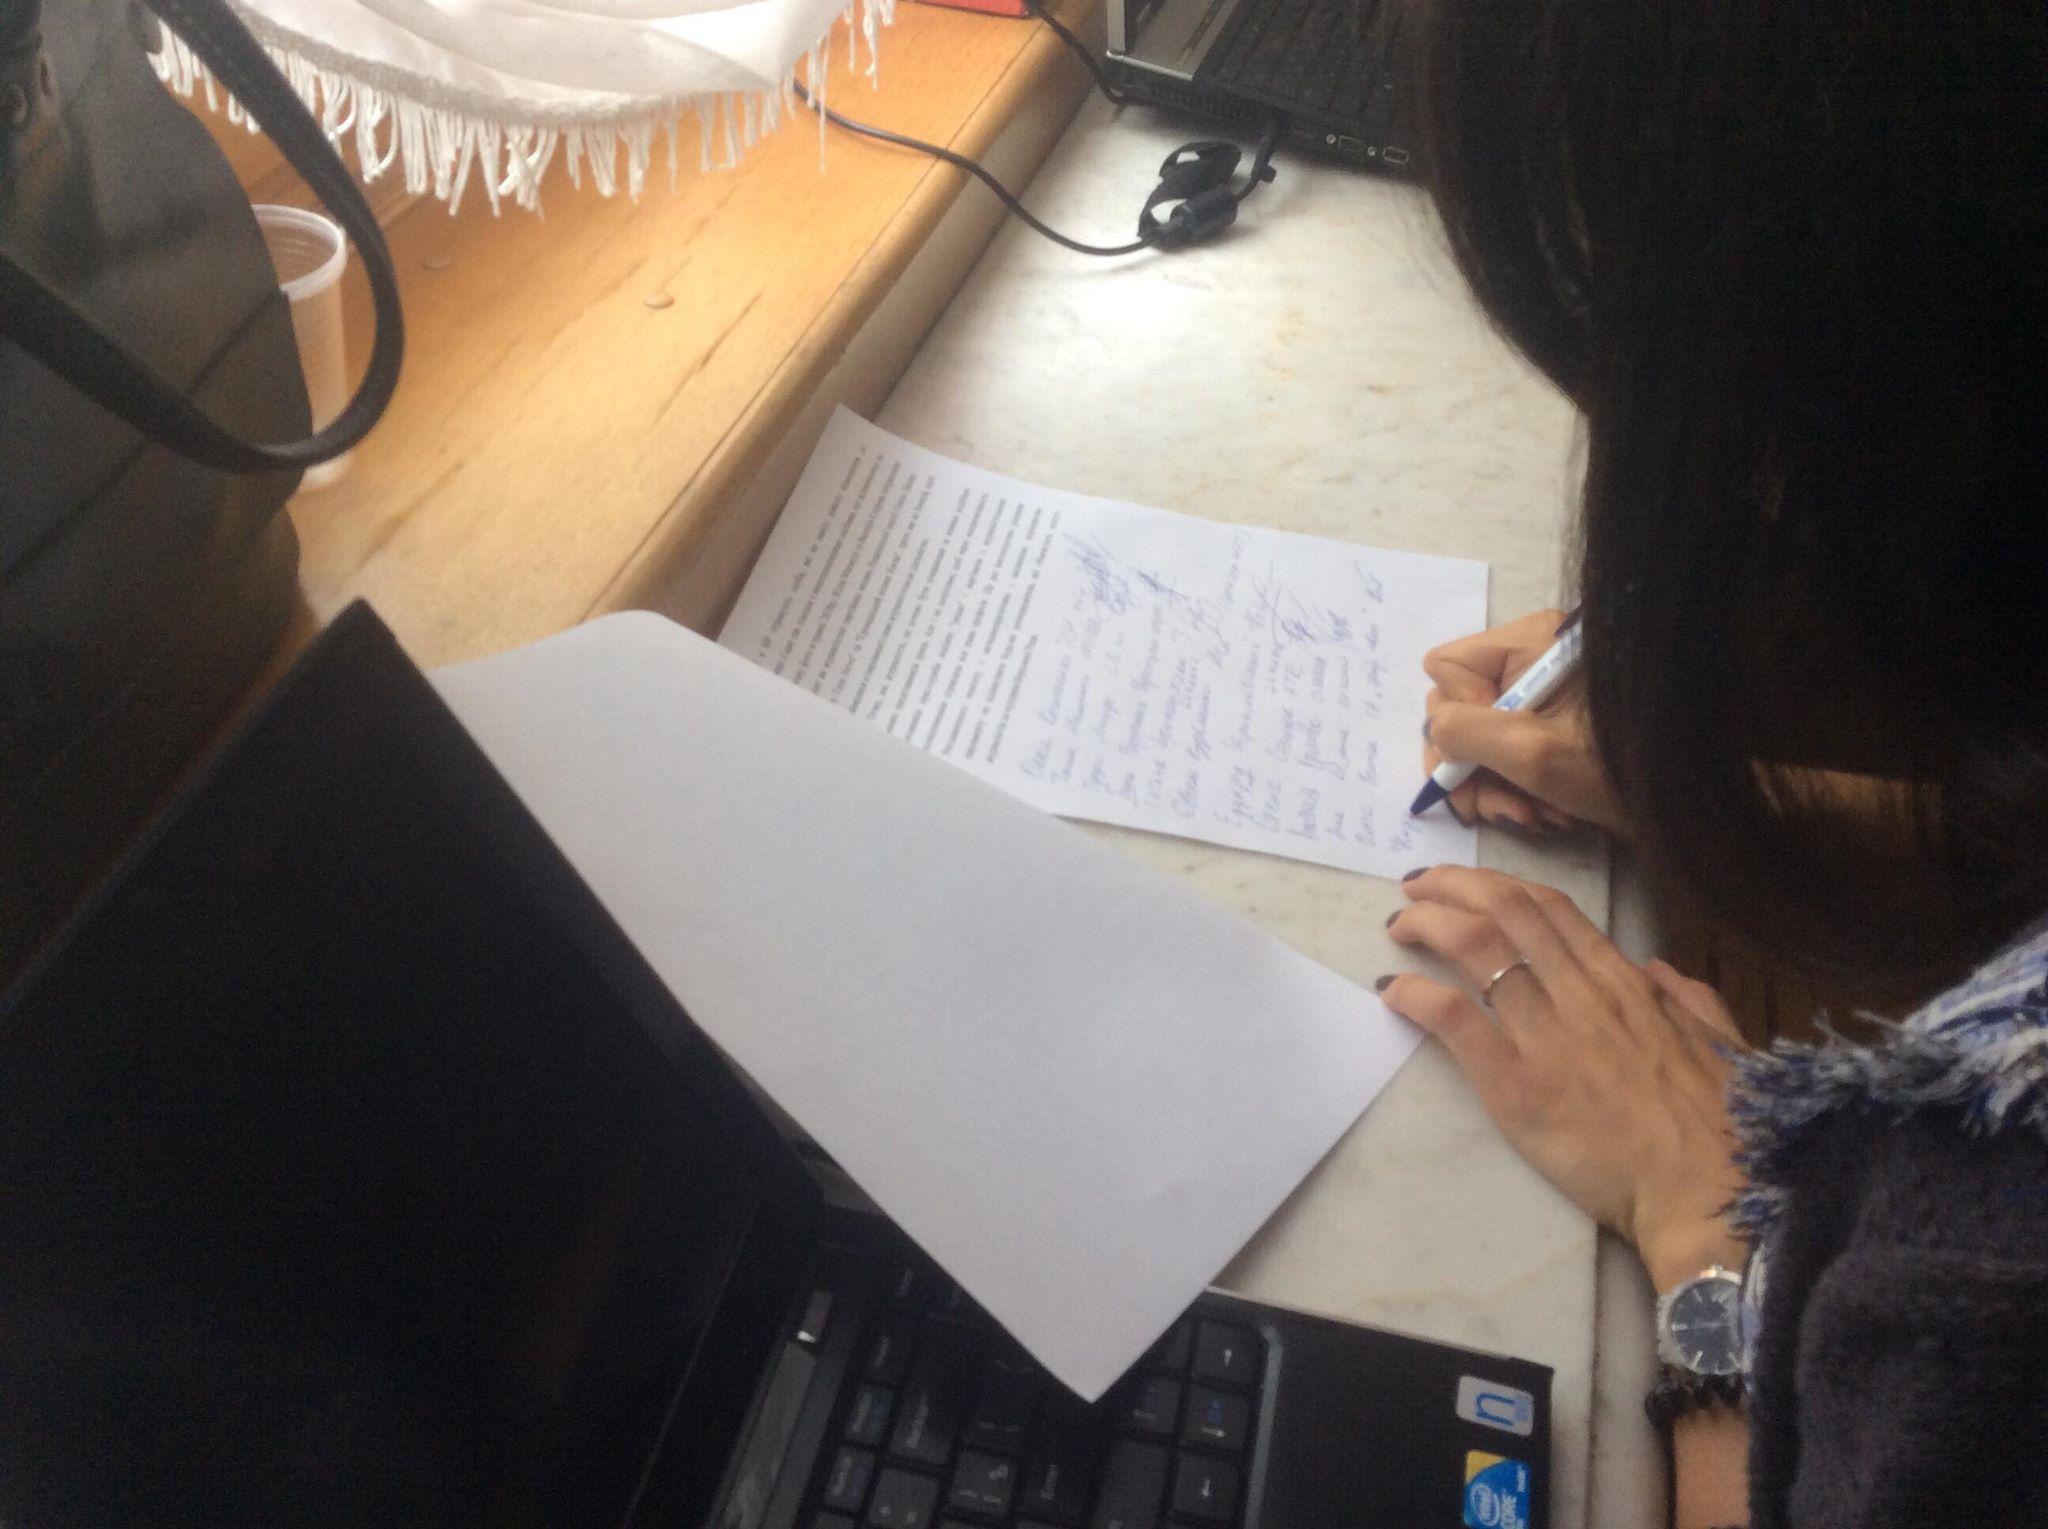 Журналісти закликають керівництво парламенту не підписувати будь-які документи, що обмежують доступ ЗМІ до кулуарів Ради